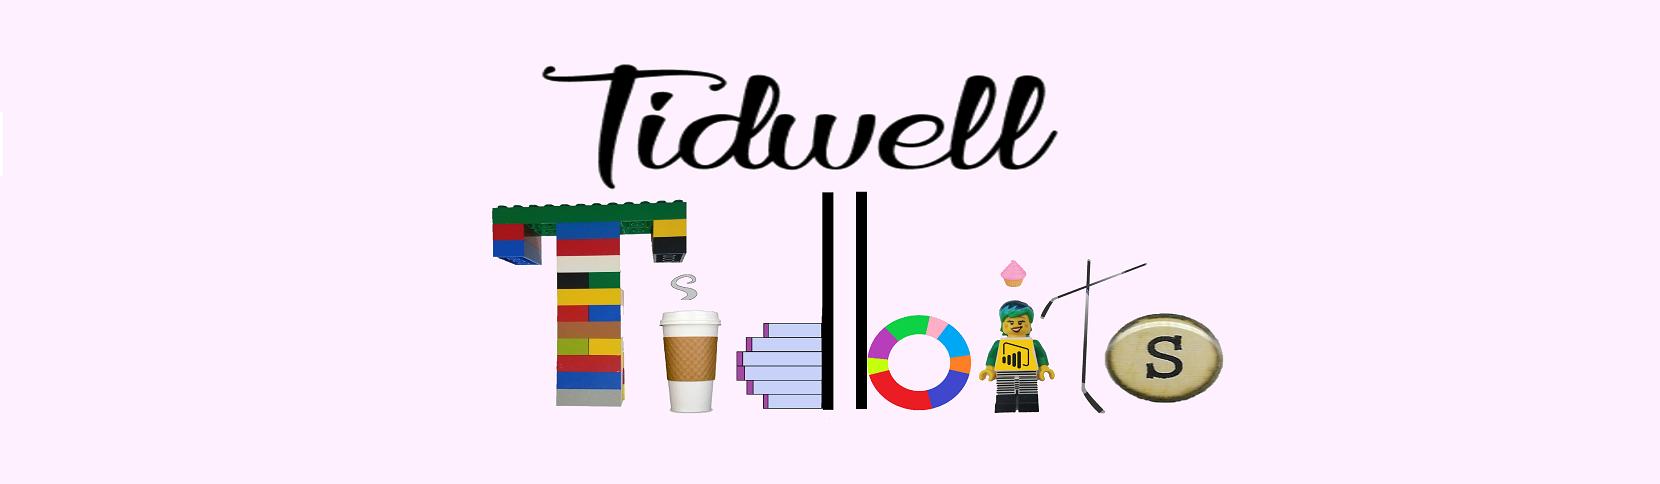 Tidwell Tidbits